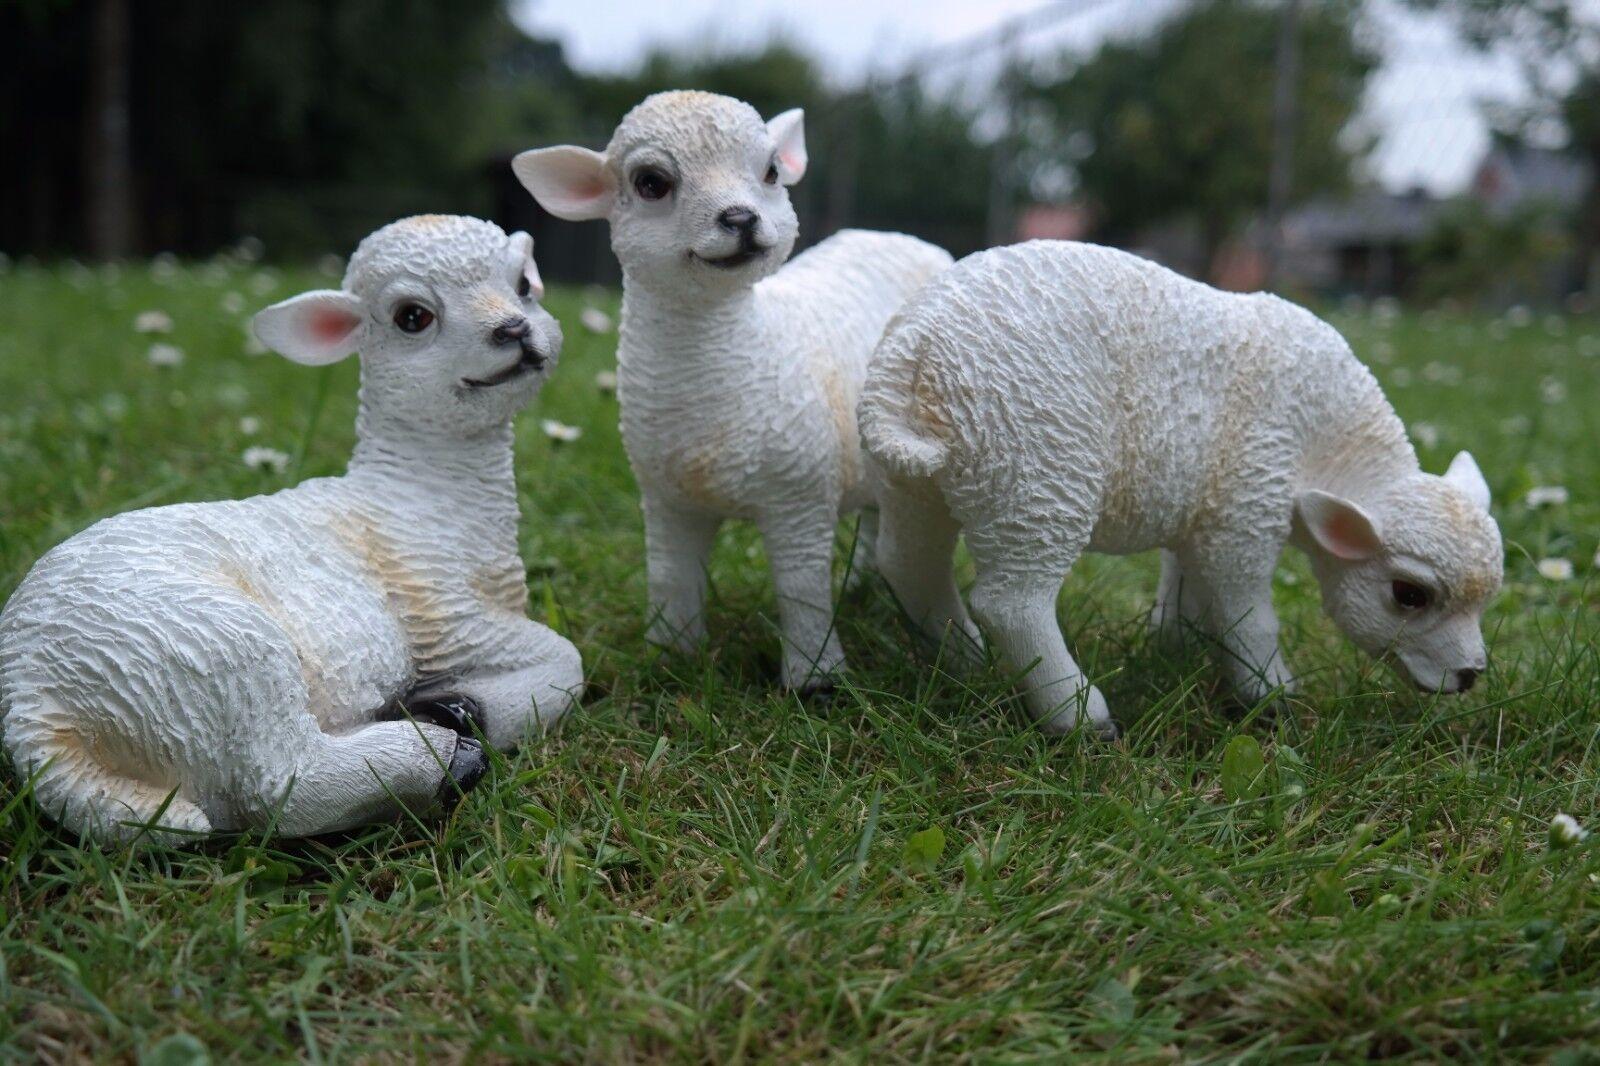 Tierfiguren Garten Test Vergleich Tierfiguren Garten Günstig Kaufen